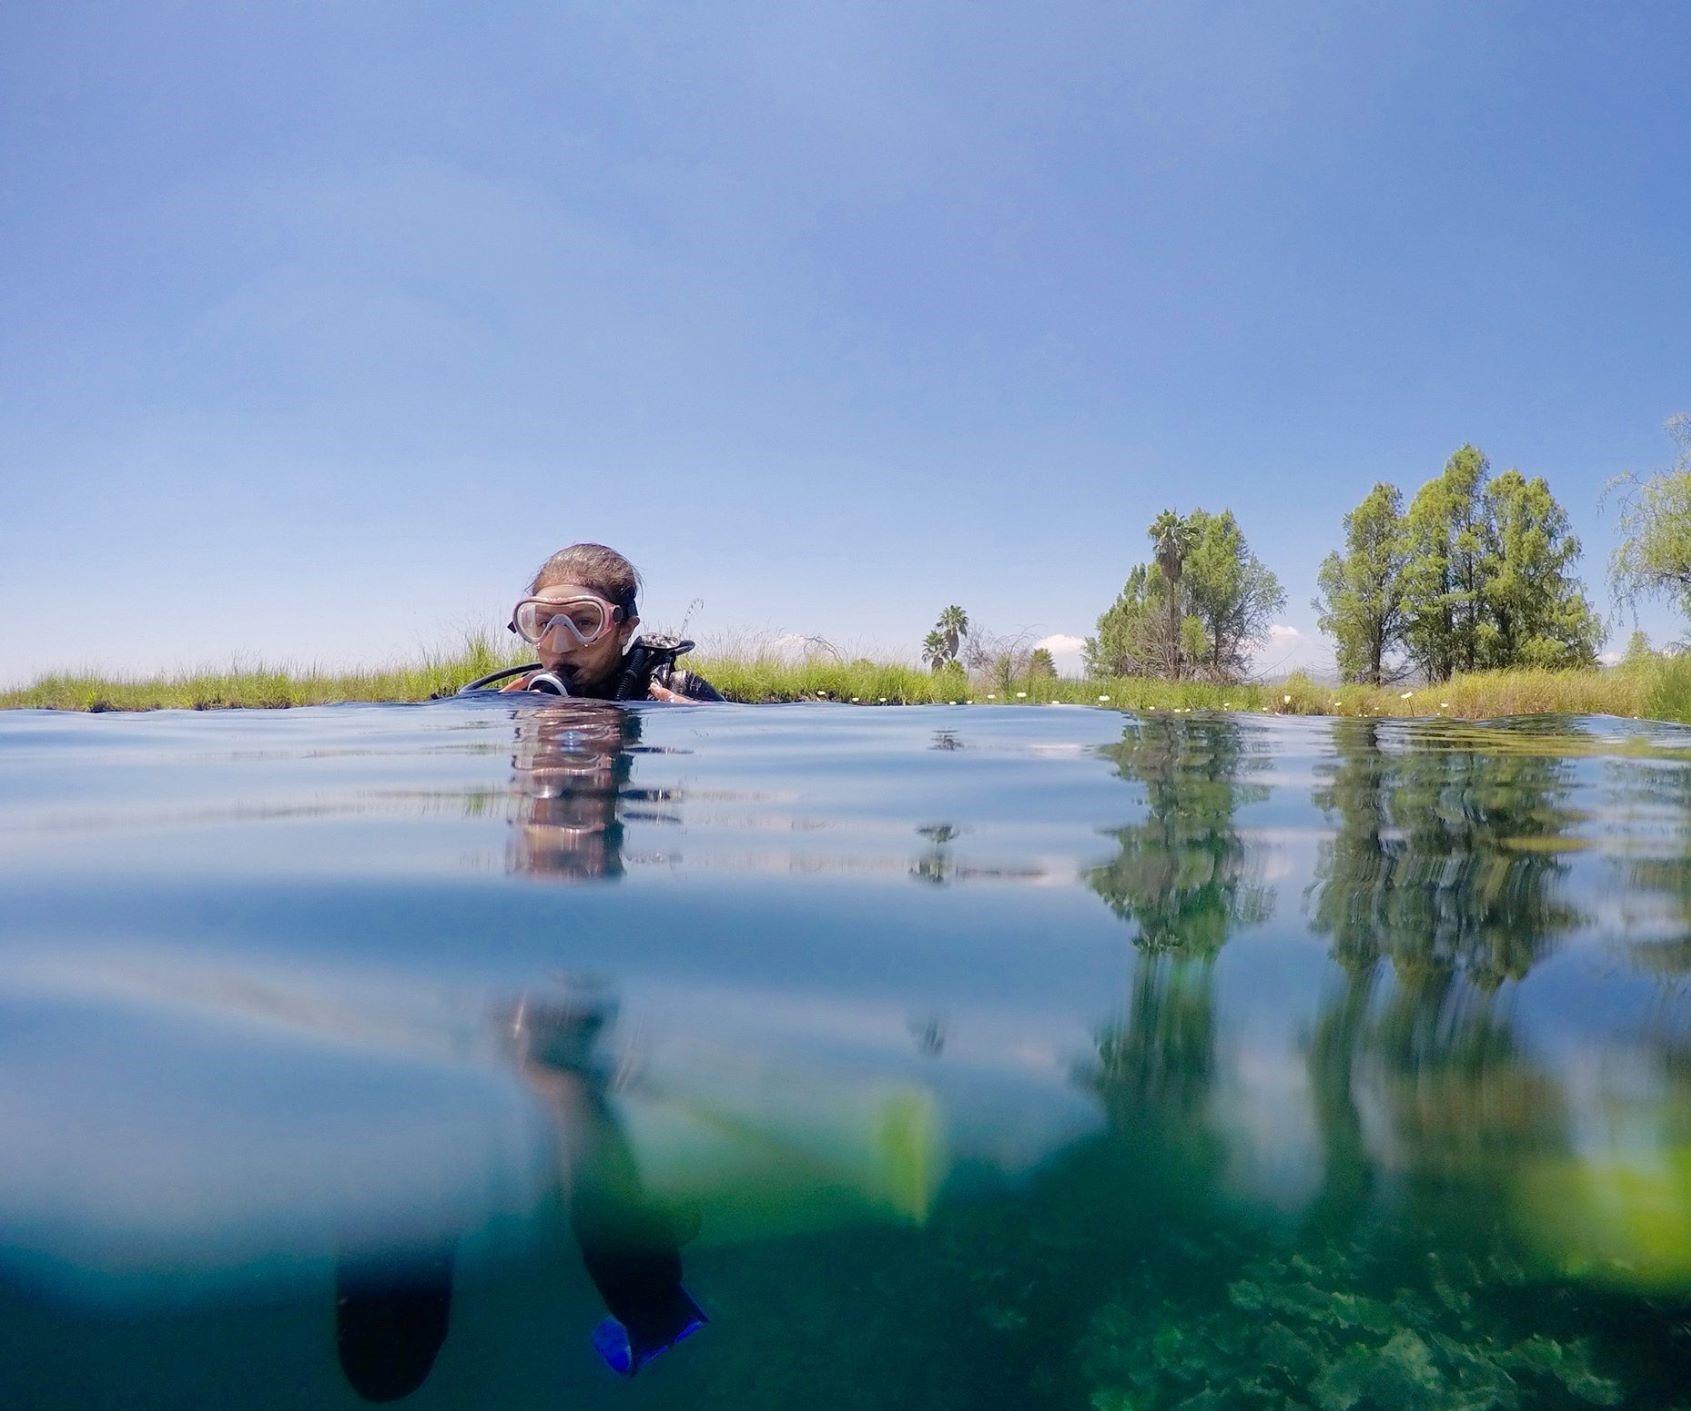 cuánto cuesta bucear en la laguna Media Luna (1)